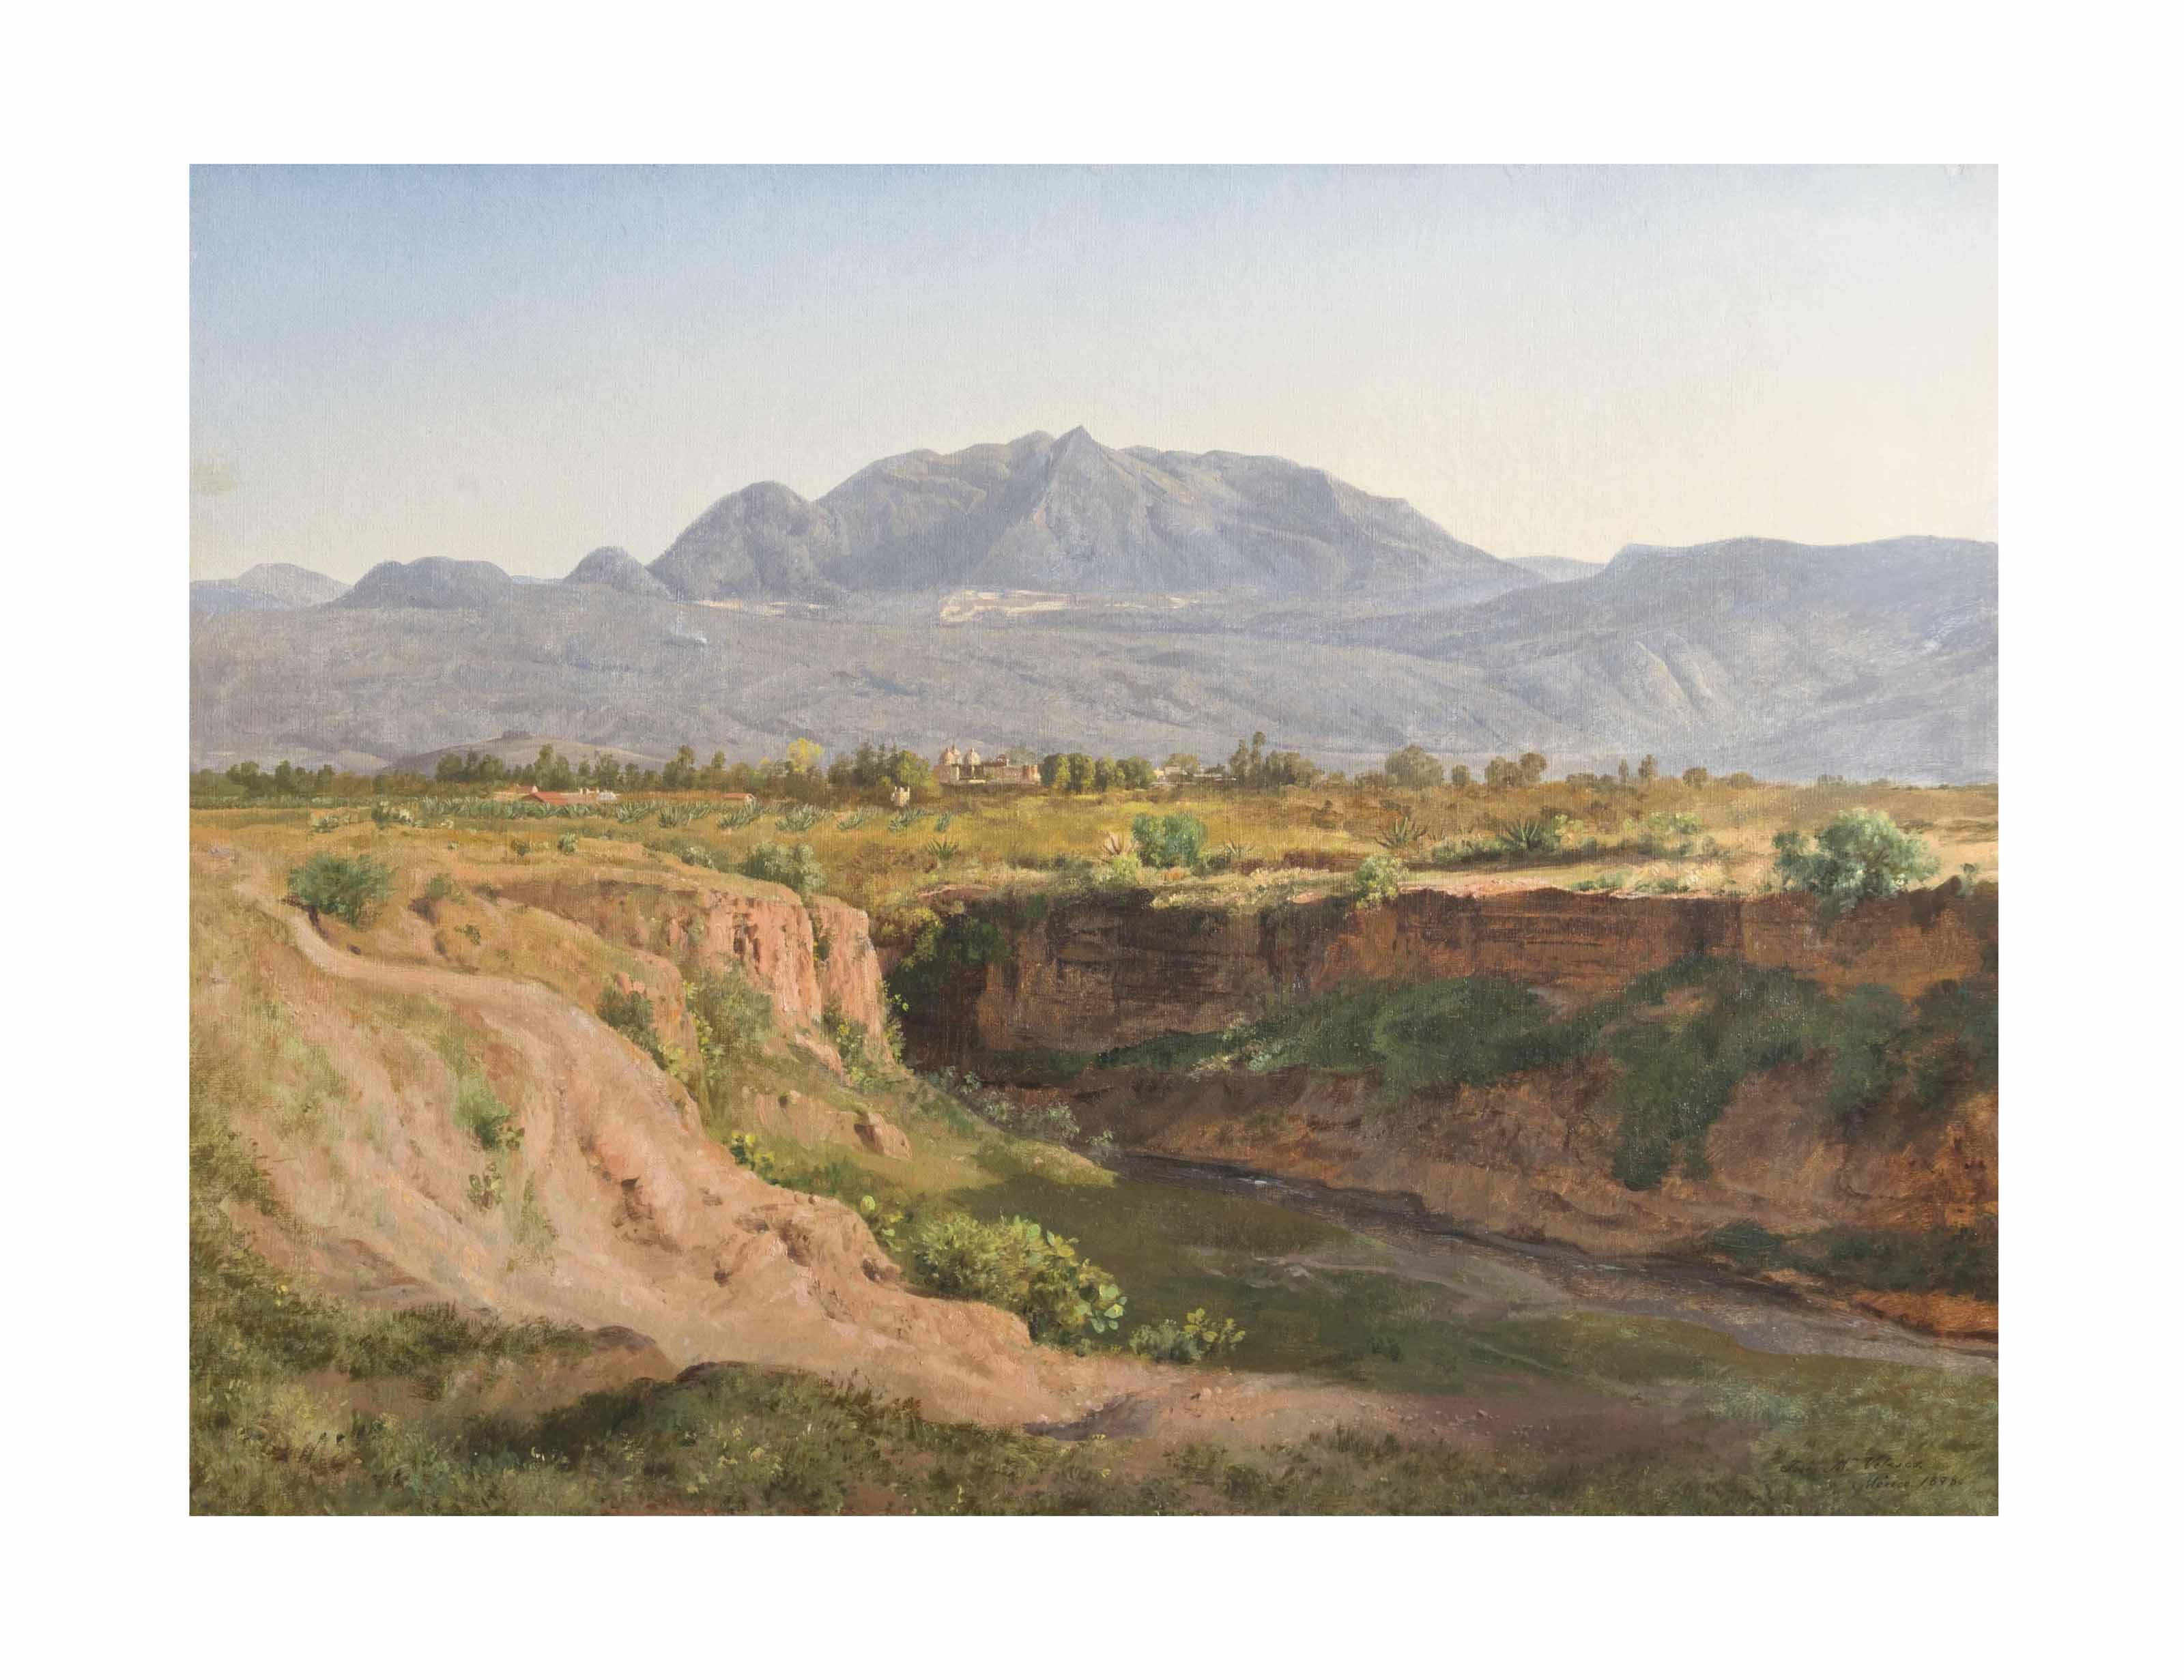 Vista del Ajusco y Pueblo de San Ángel desde la Barranca del Muerto